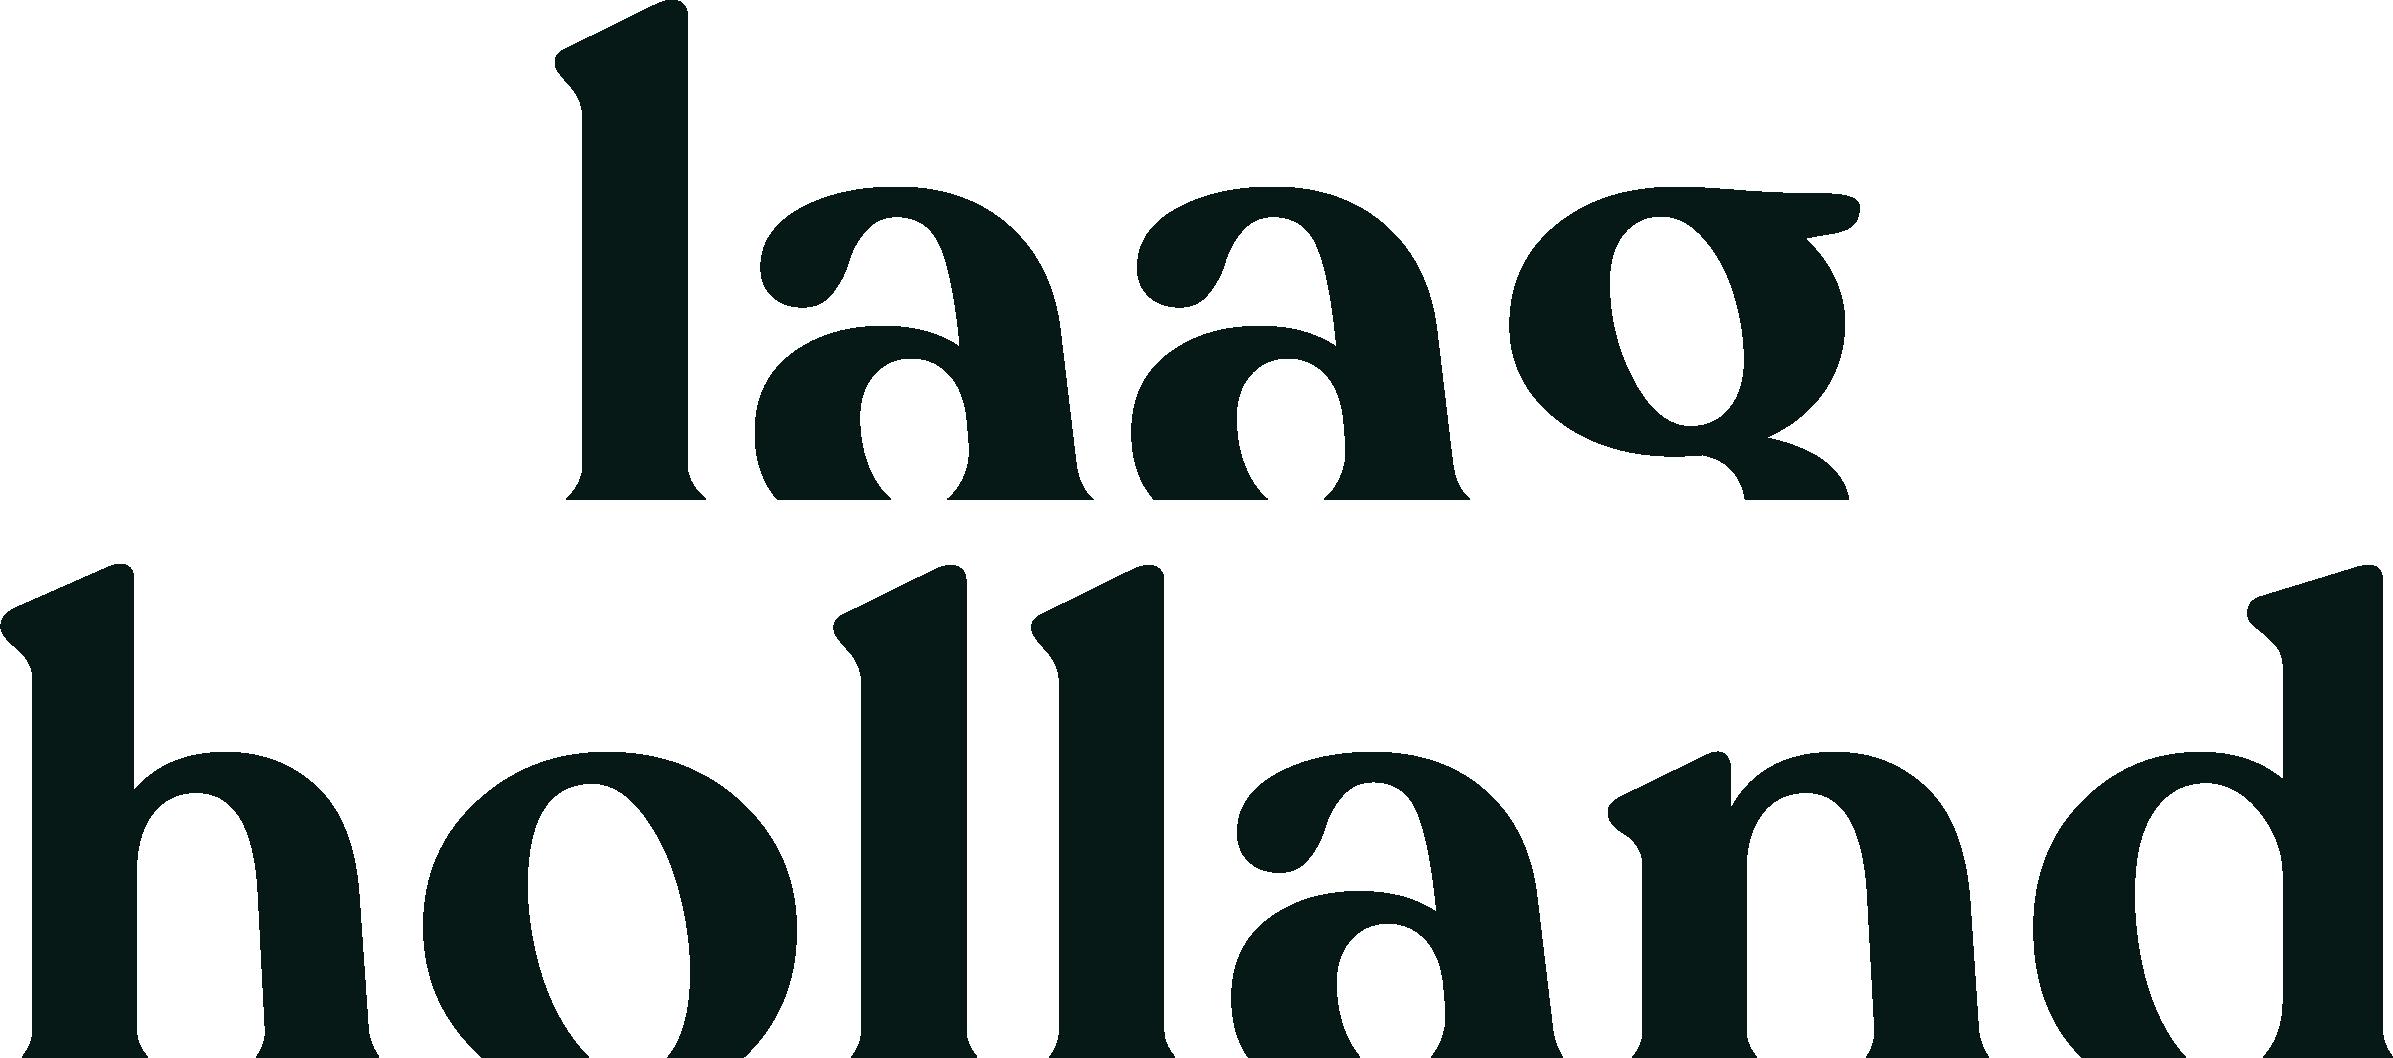 Deze route wordt aangeboden door: Bureau Toerisme Laag Holland